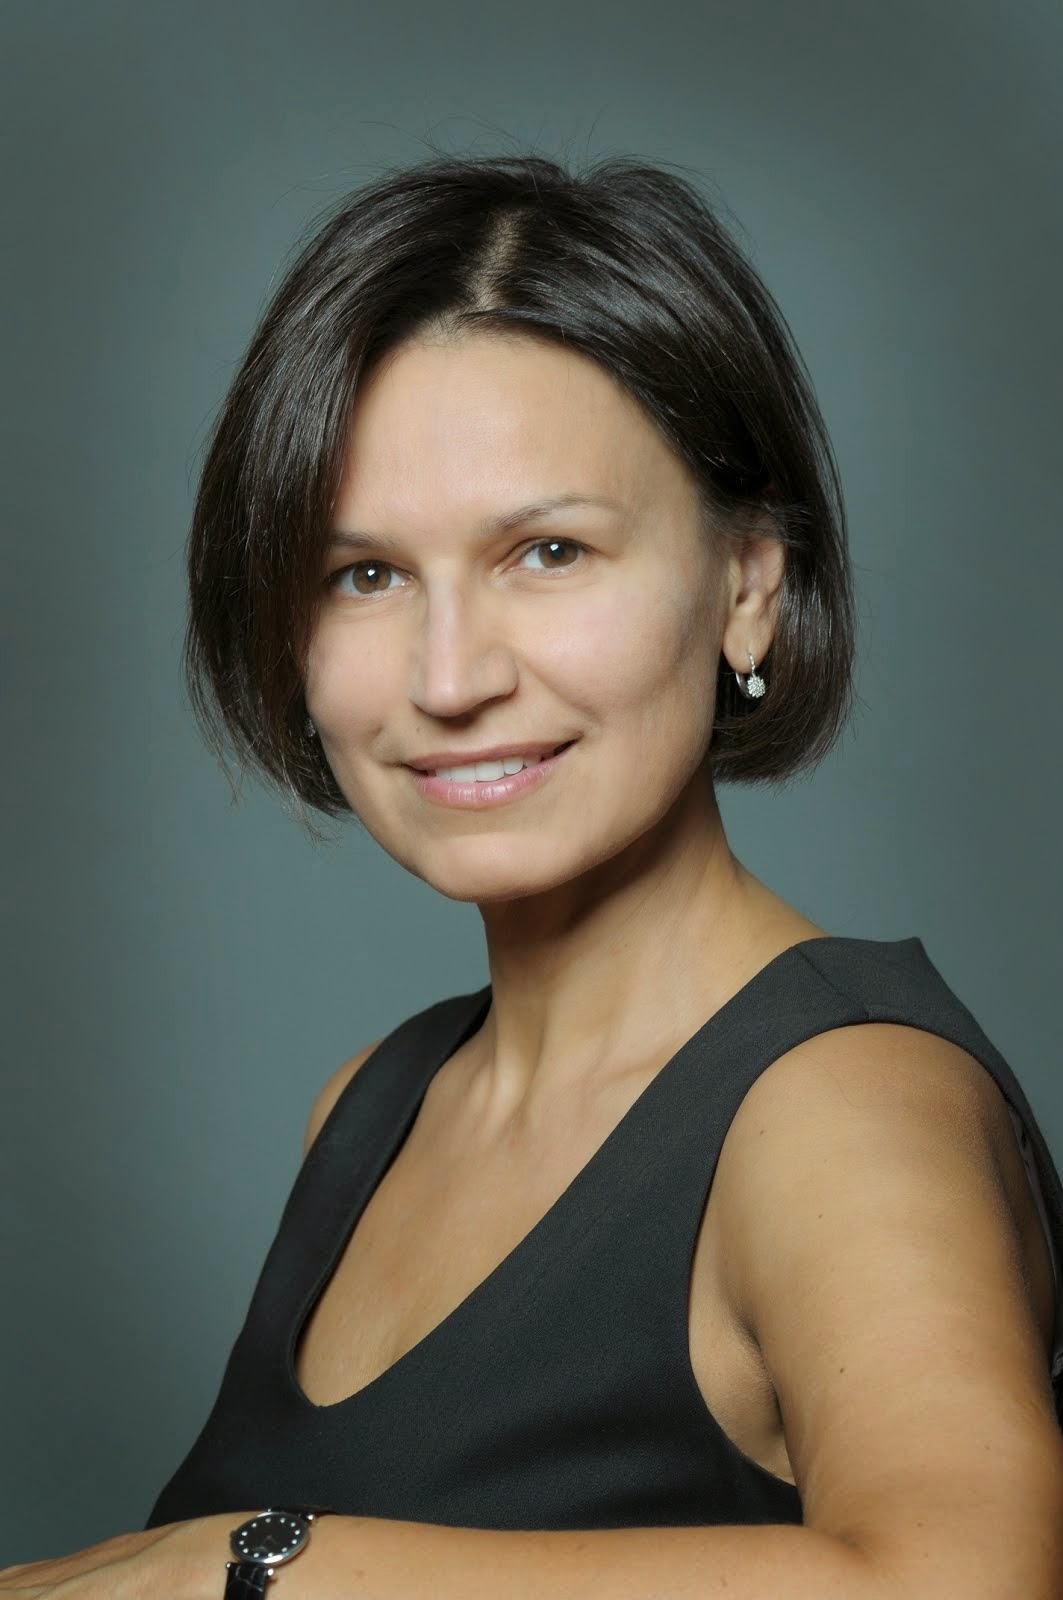 Болотова Оксана Васильевна. Врач-гомеопат, доцент, кандидат медицинских наук